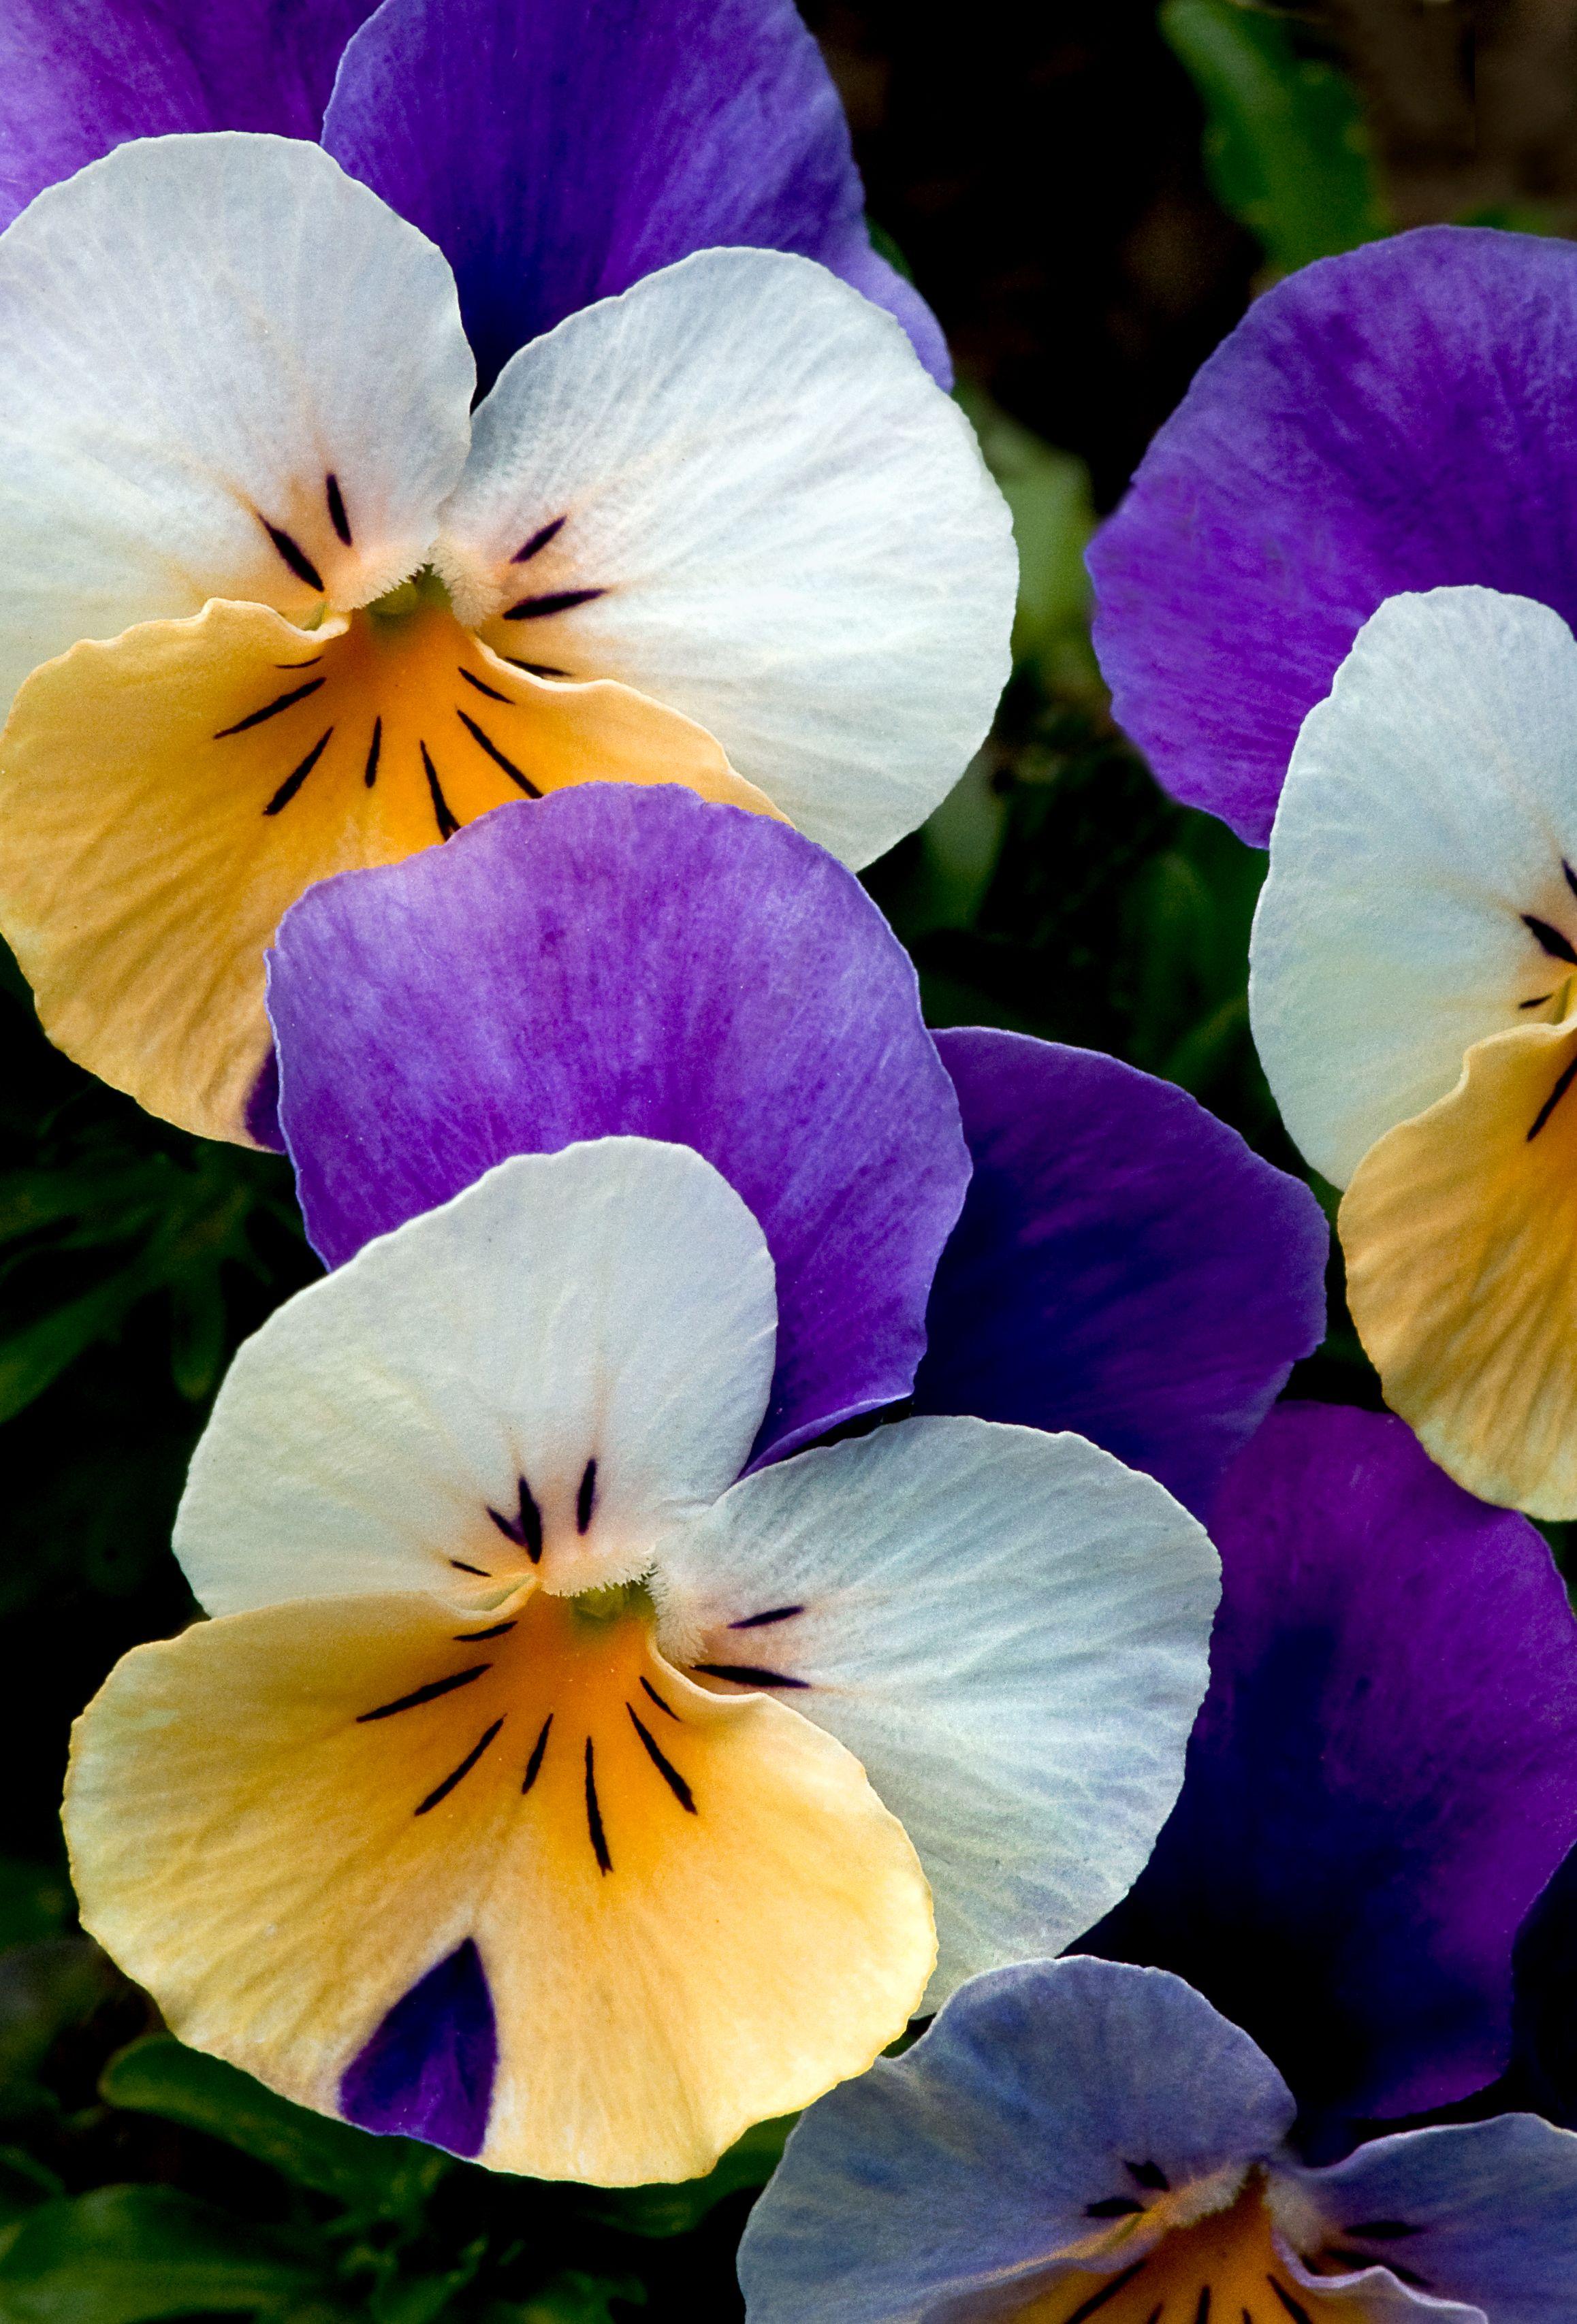 Pansies All Decked Out In Their Lsu Colors Pansies Flowers Pansies Beautiful Flowers